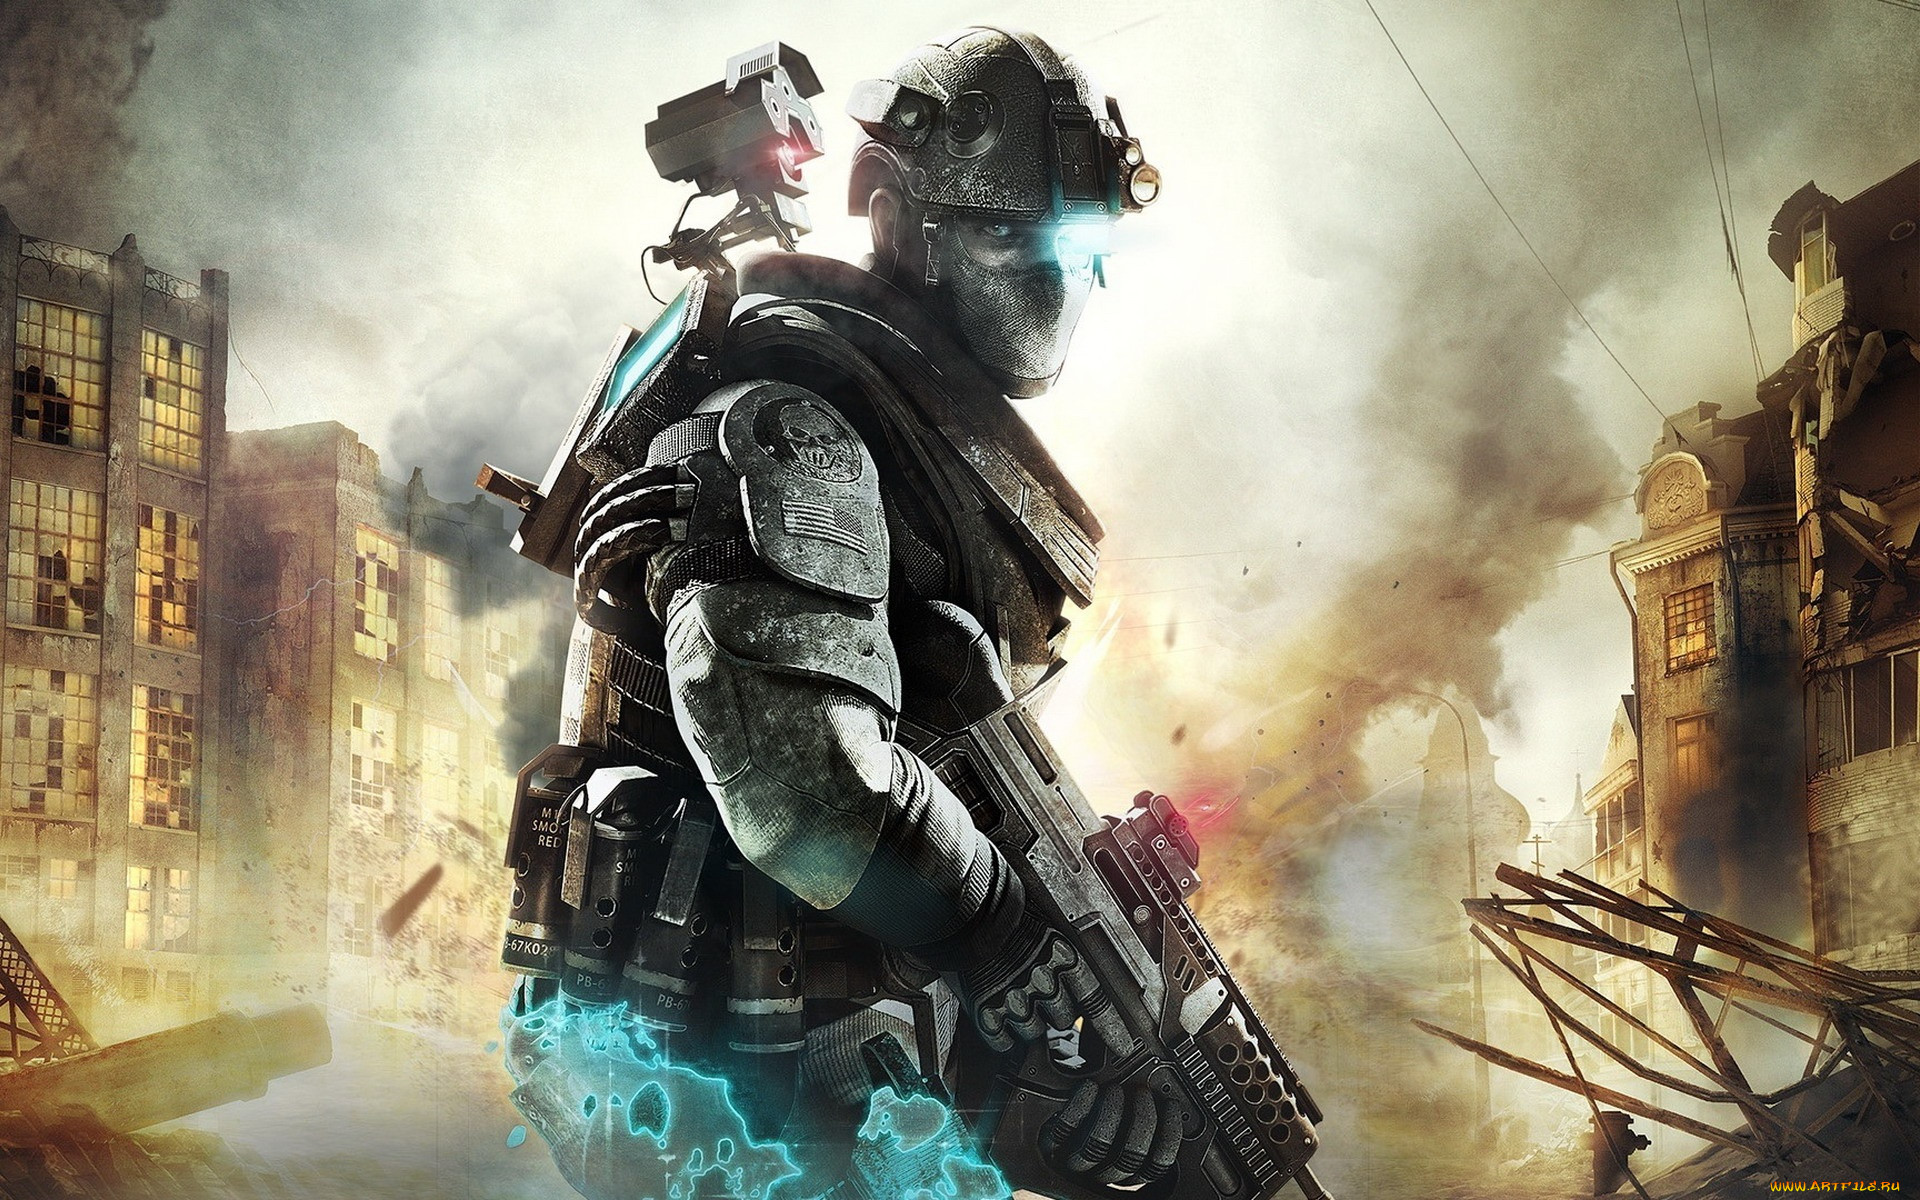 картинки для сайта игровой тематики свидетельство это военно-учетный